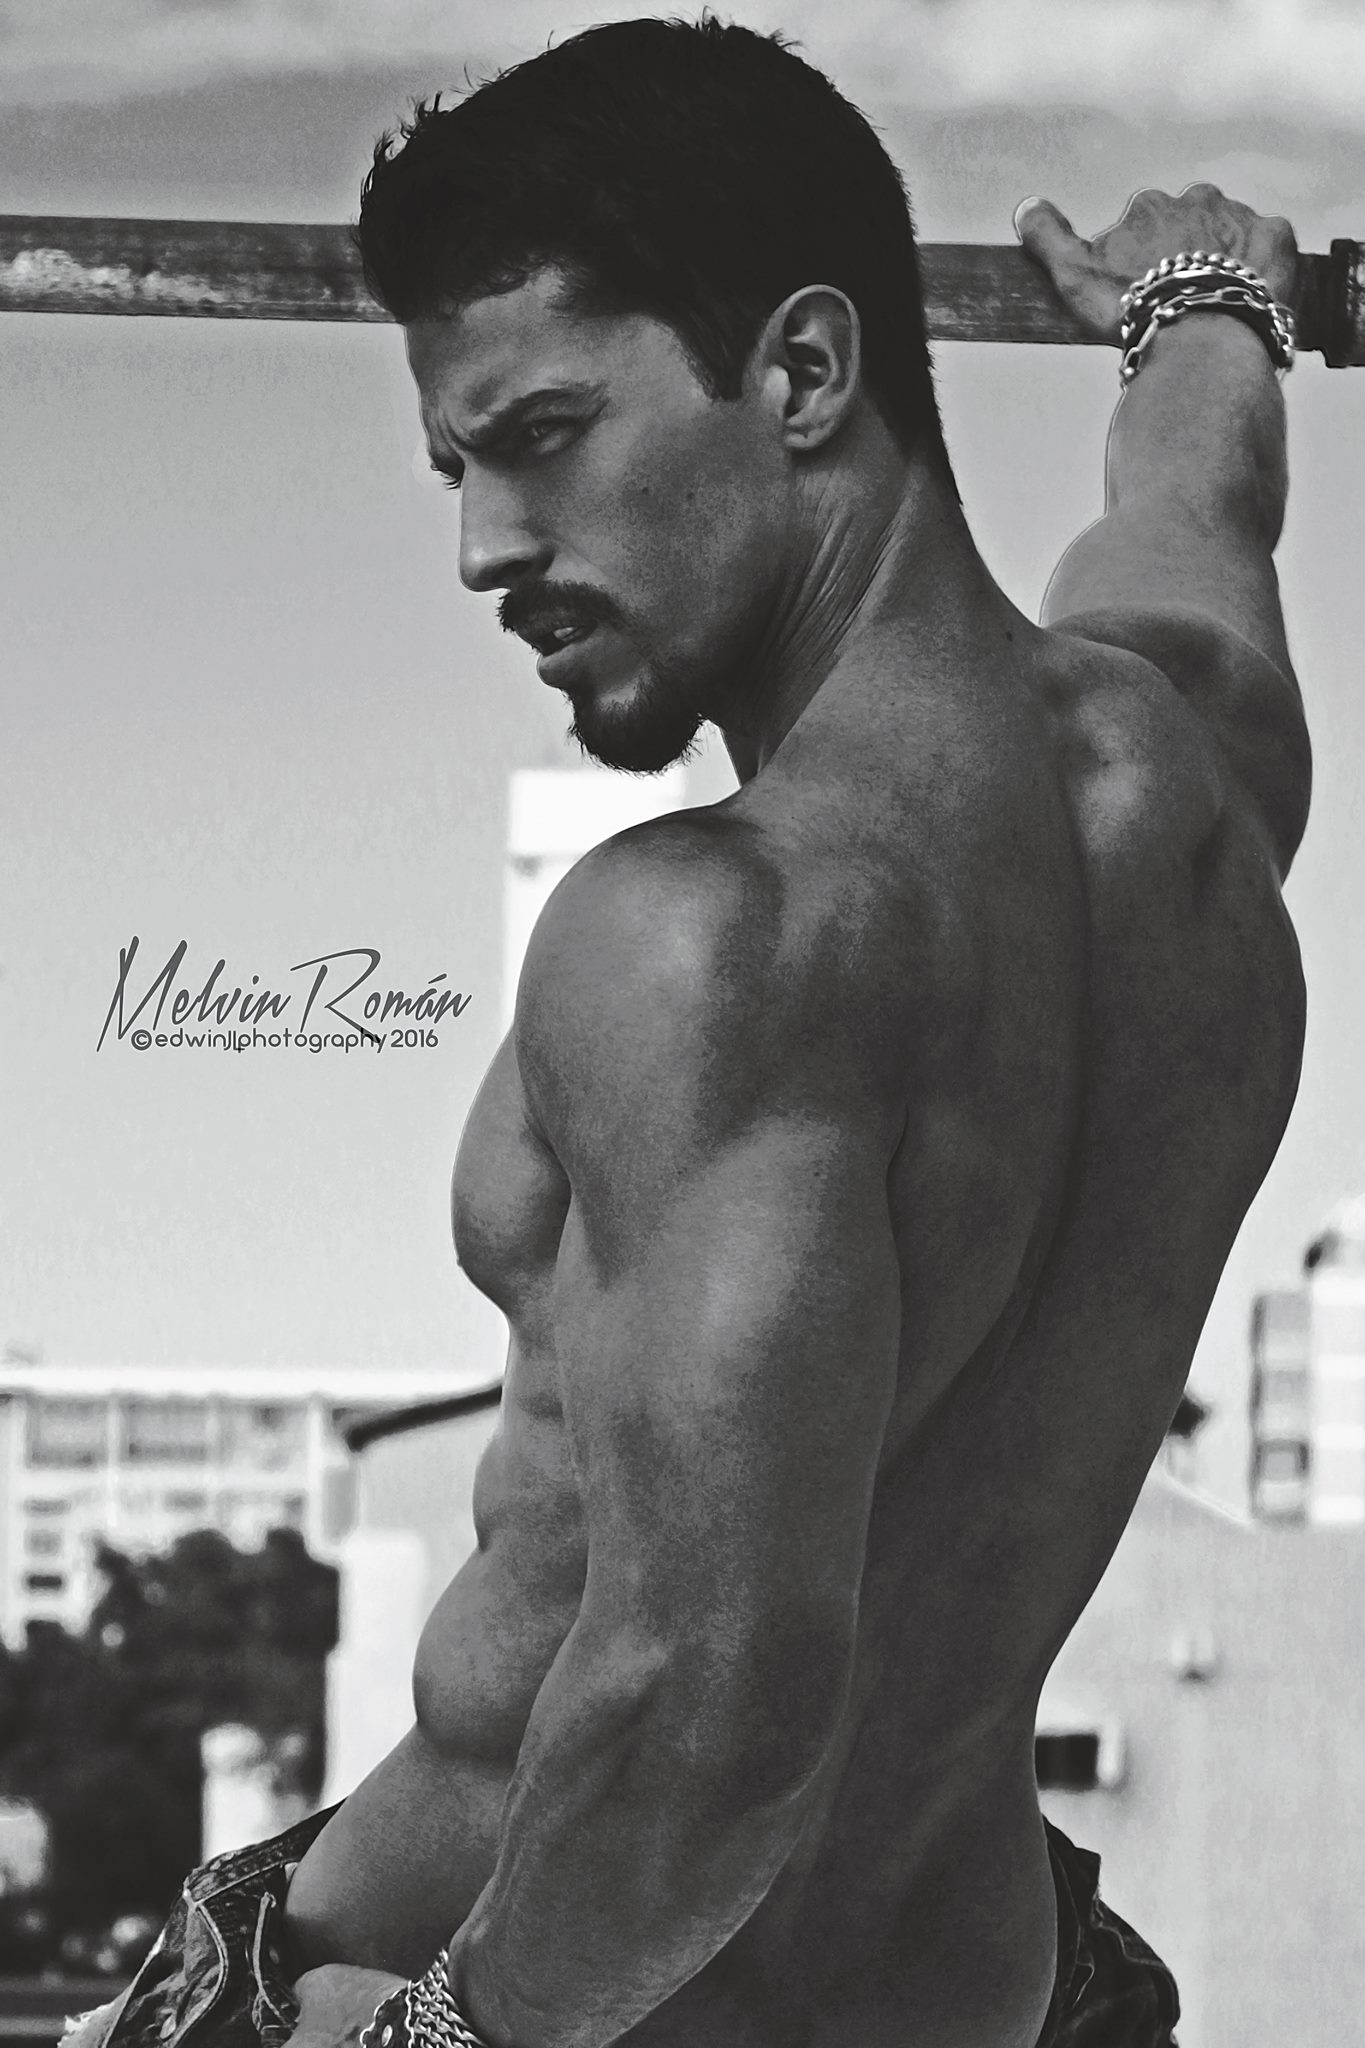 Melvin Roman by Edwin Lebron